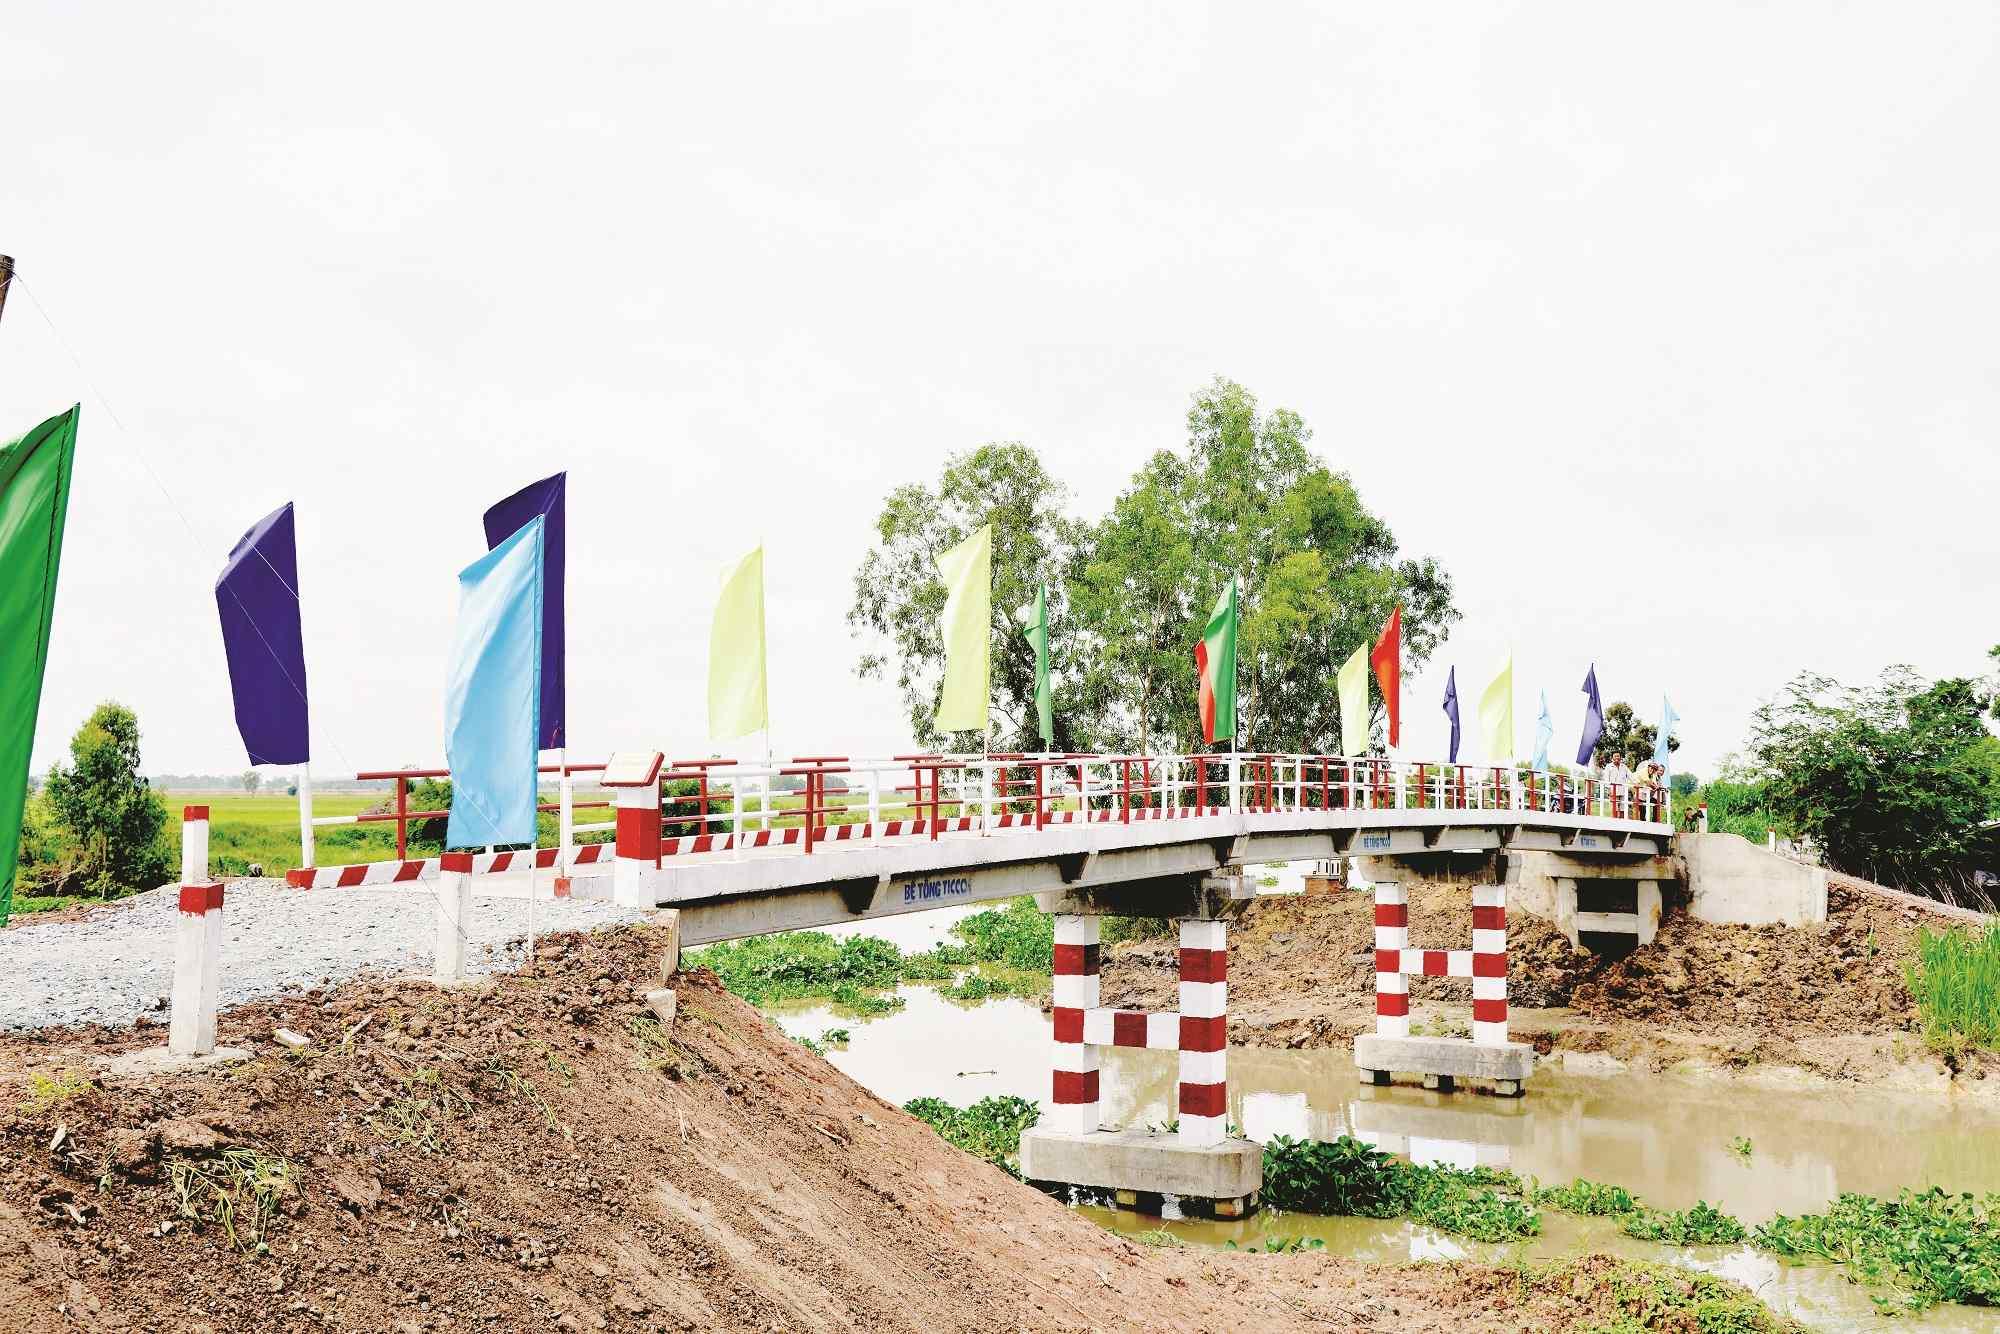 Cầu kênh Hưng Điền do chương trình Cầu nông thôn vận động xây dựng tại huyện Vĩnh Hưng. Ảnh: NTV